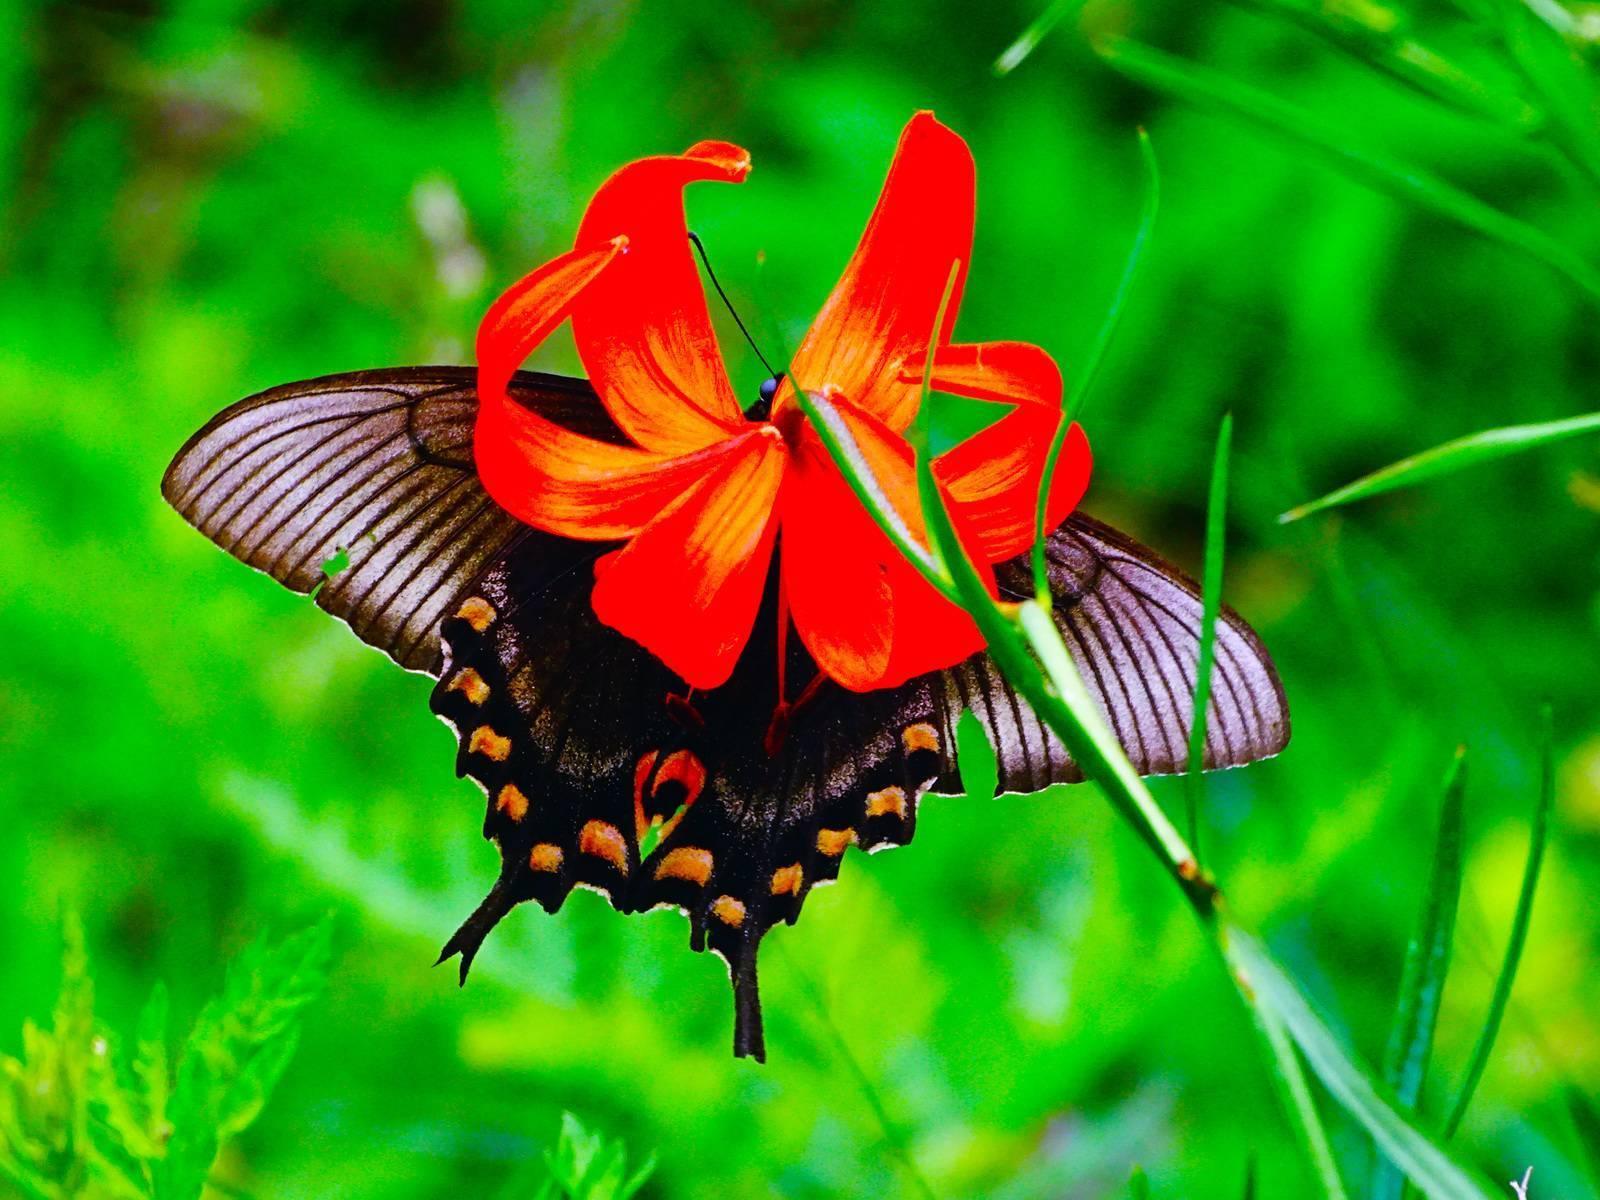 Парусник-махаон - самая красивая наша бабочка и ее гусеница. бабочка махаон: описание, интересные факты для детей. что любят бабочки махаон в домашних условиях, сколько живут? какого цвета бывают бабочки махаоны: фото